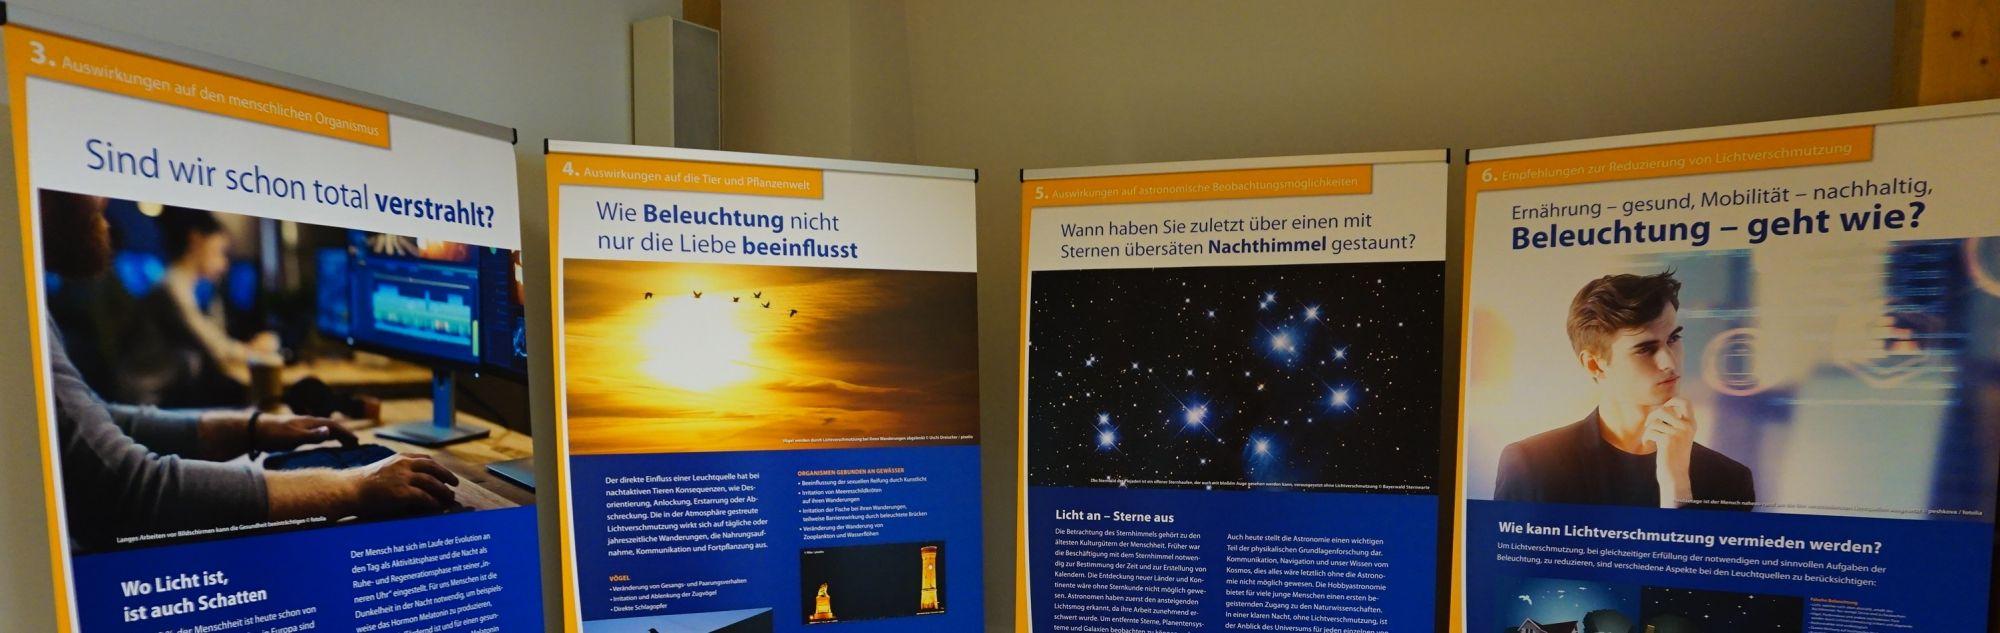 Exposición Parque Natural Bayerischer. Contaminación lumínica - Proceso común Wald